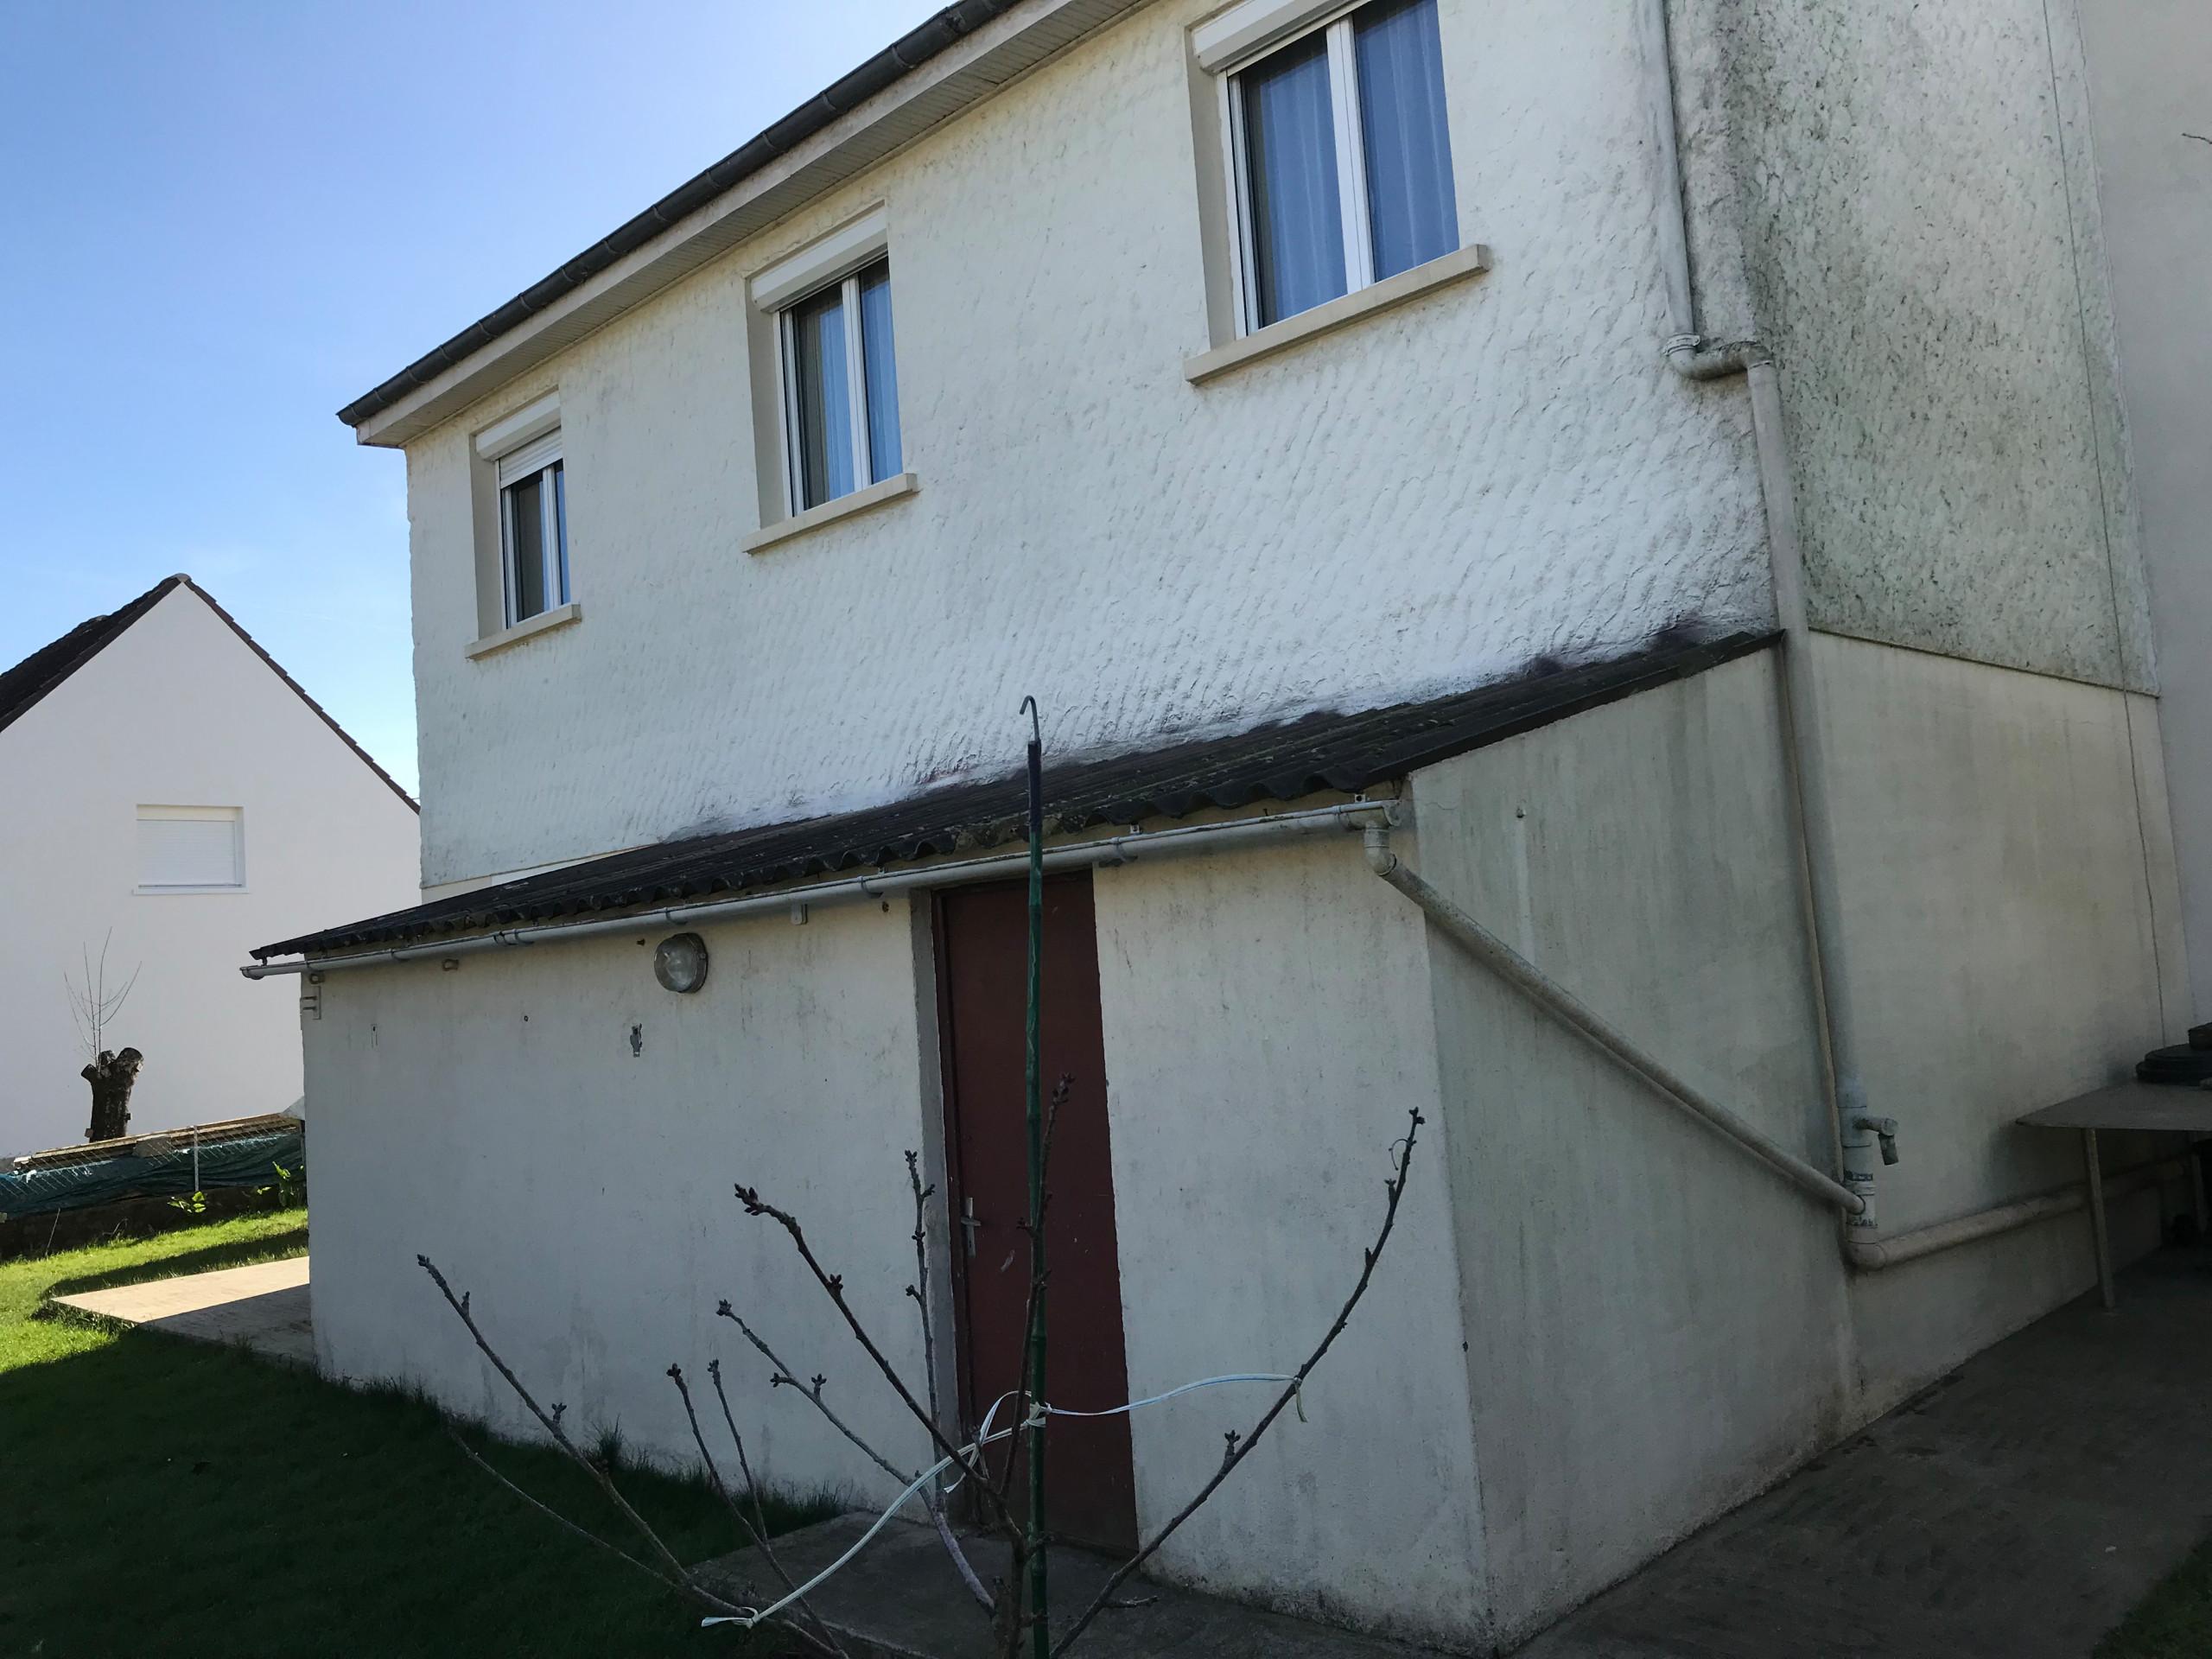 Isolation thermique par l'extérieur d'une maison individuelle